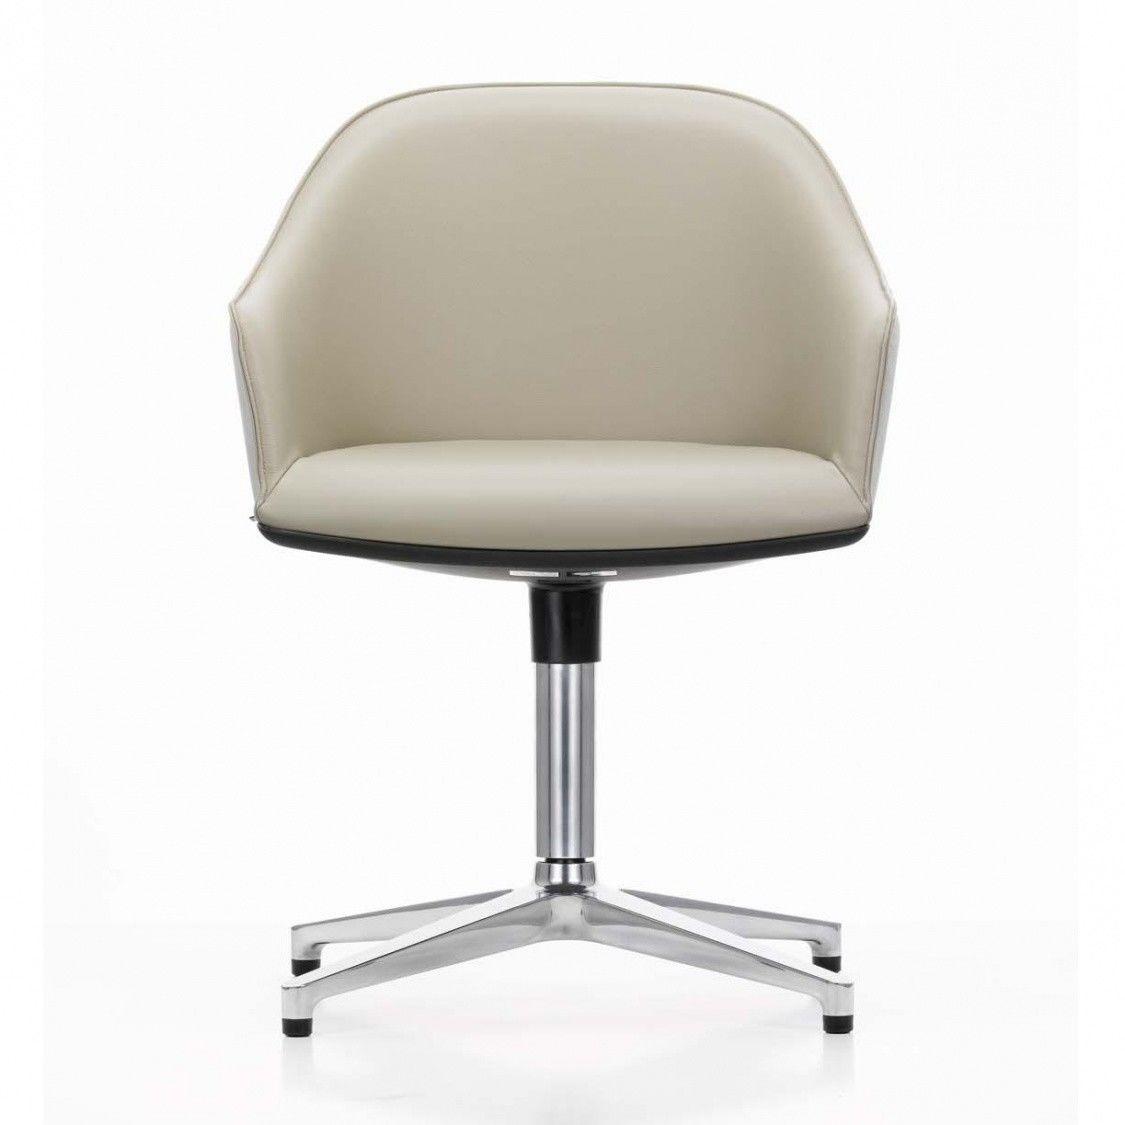 softshell chair konferenzstuhl vitra. Black Bedroom Furniture Sets. Home Design Ideas